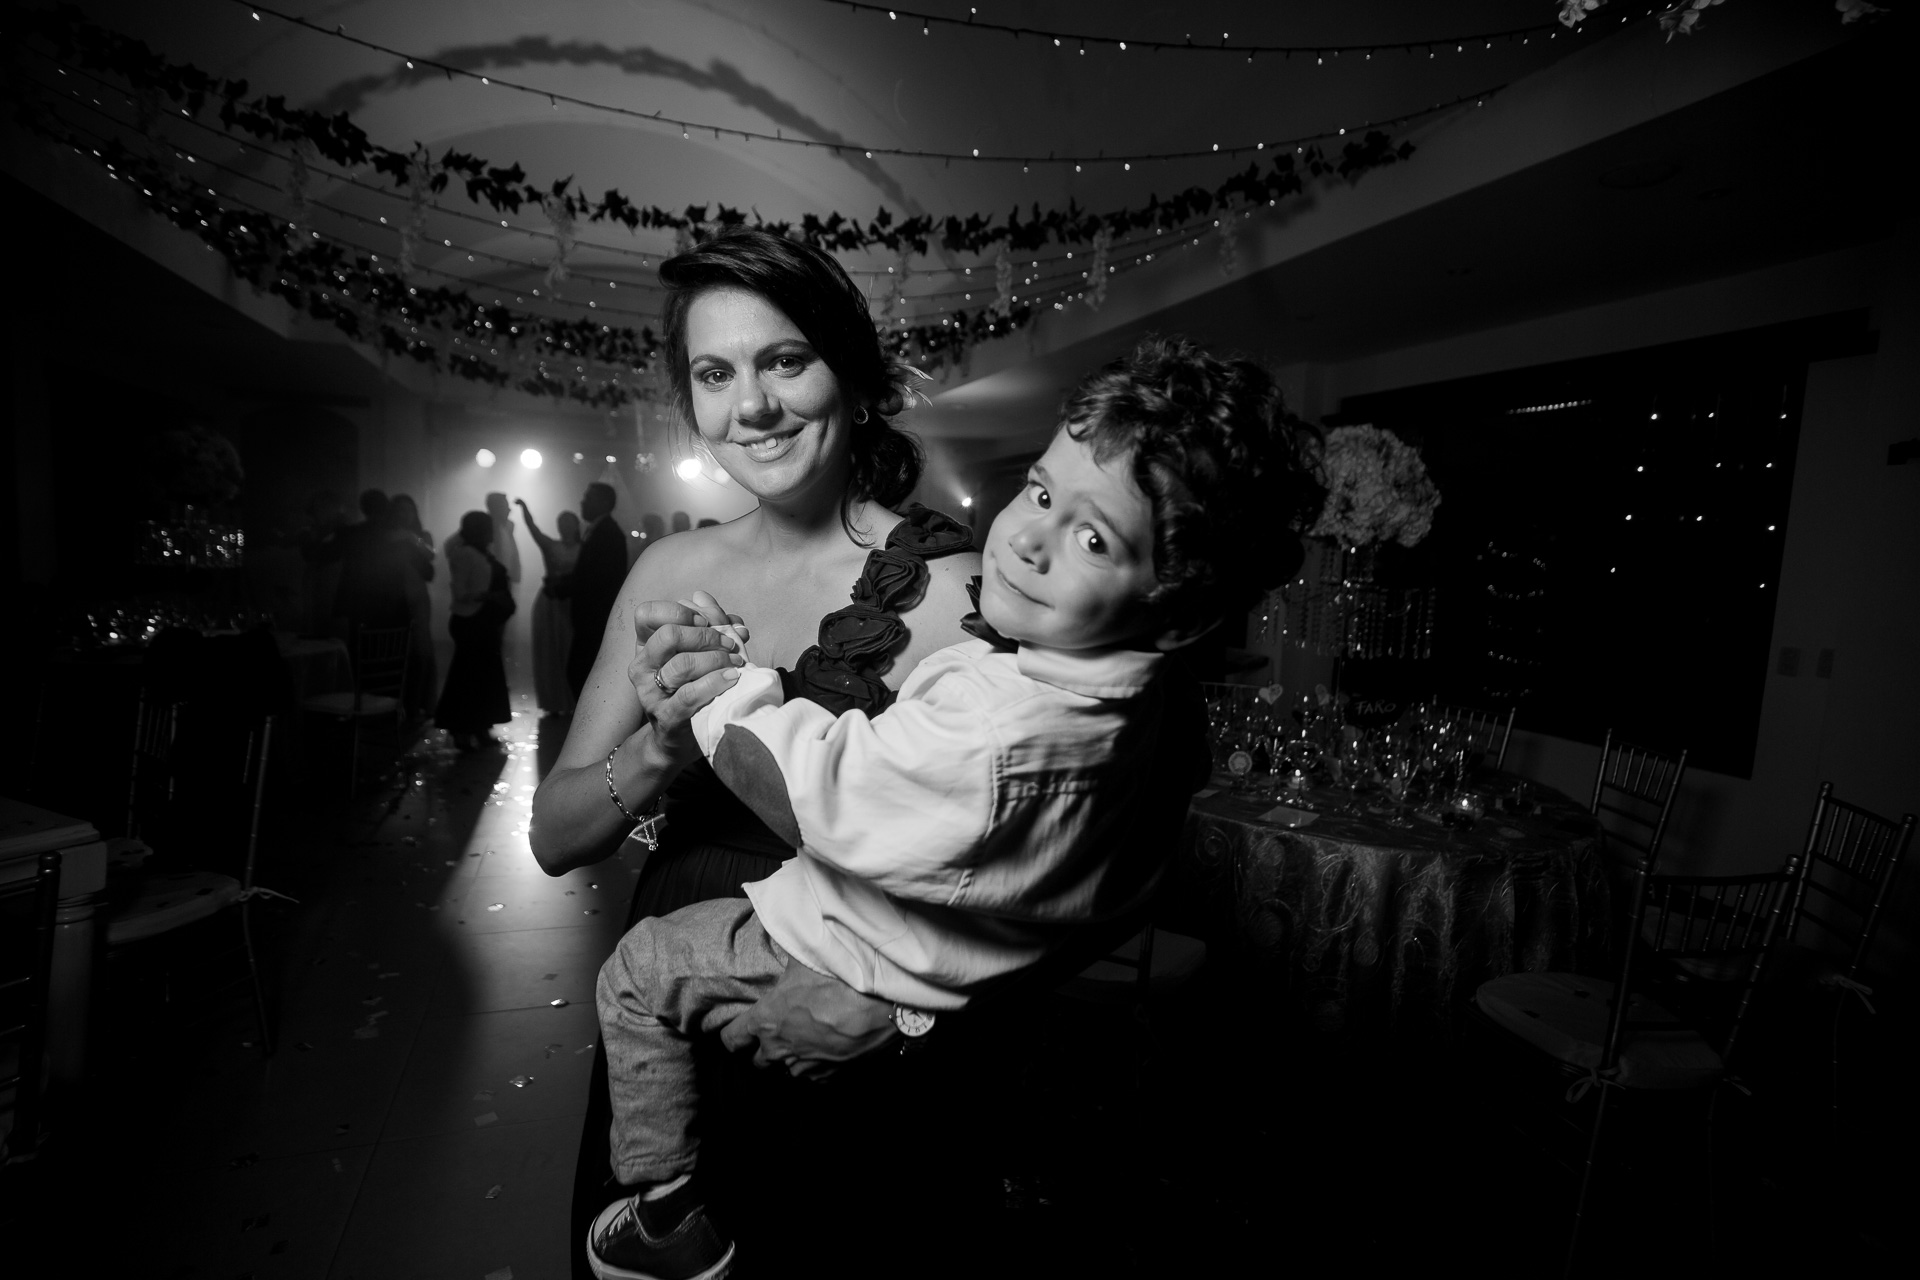 Fotógrafos-de-bodas-en-Colombia-Angela-y-Antonio-58 ANGELA Y ANTONIO